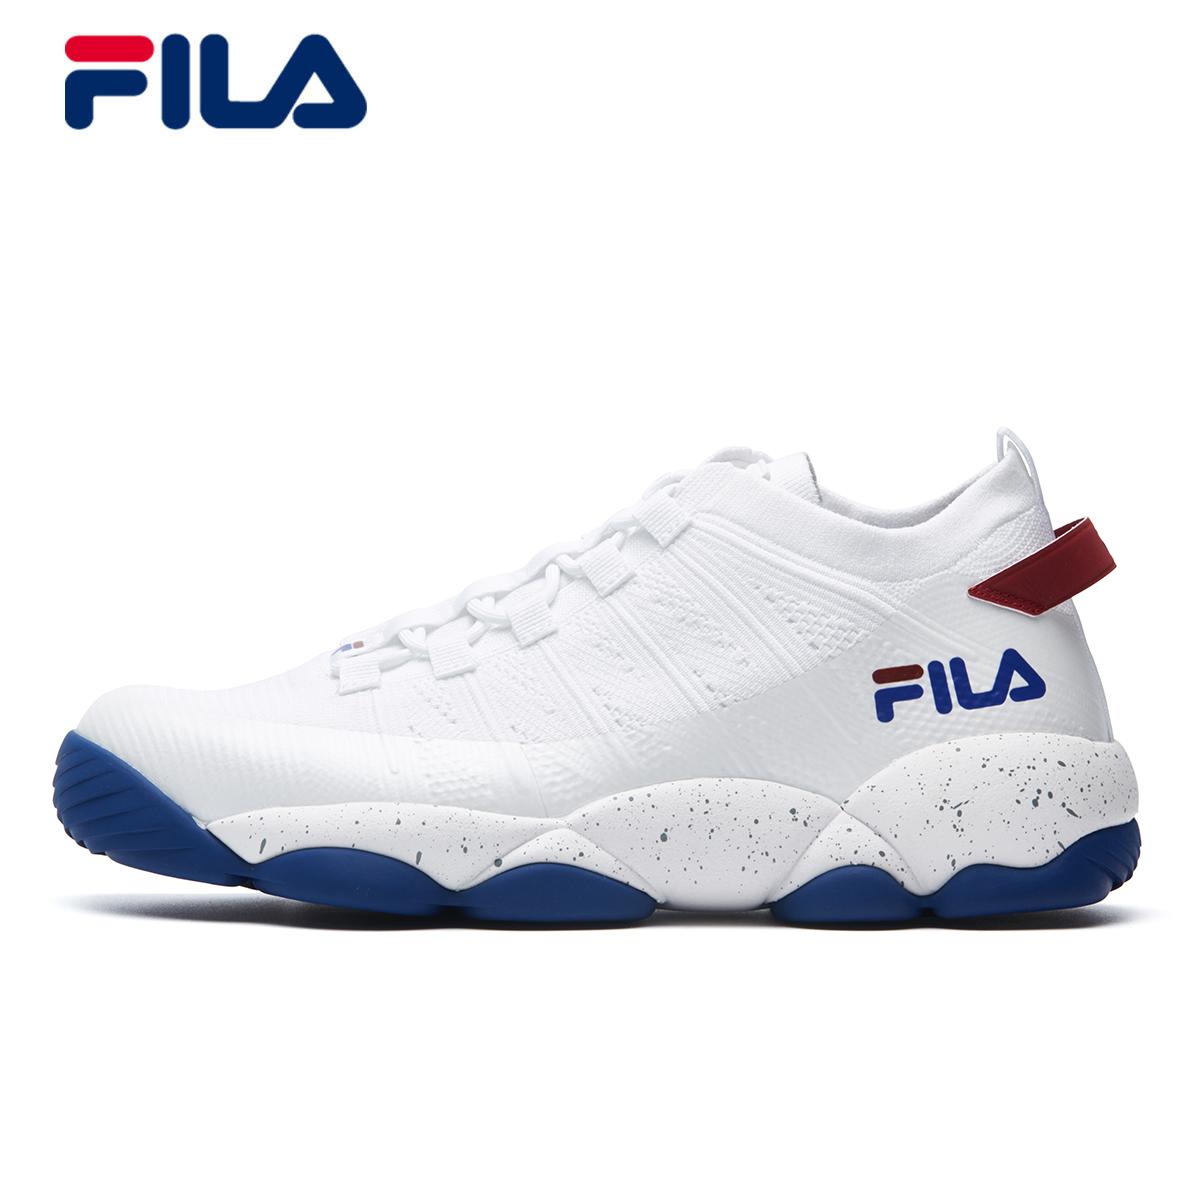 USD 257.68] FILA Phile men's shoes